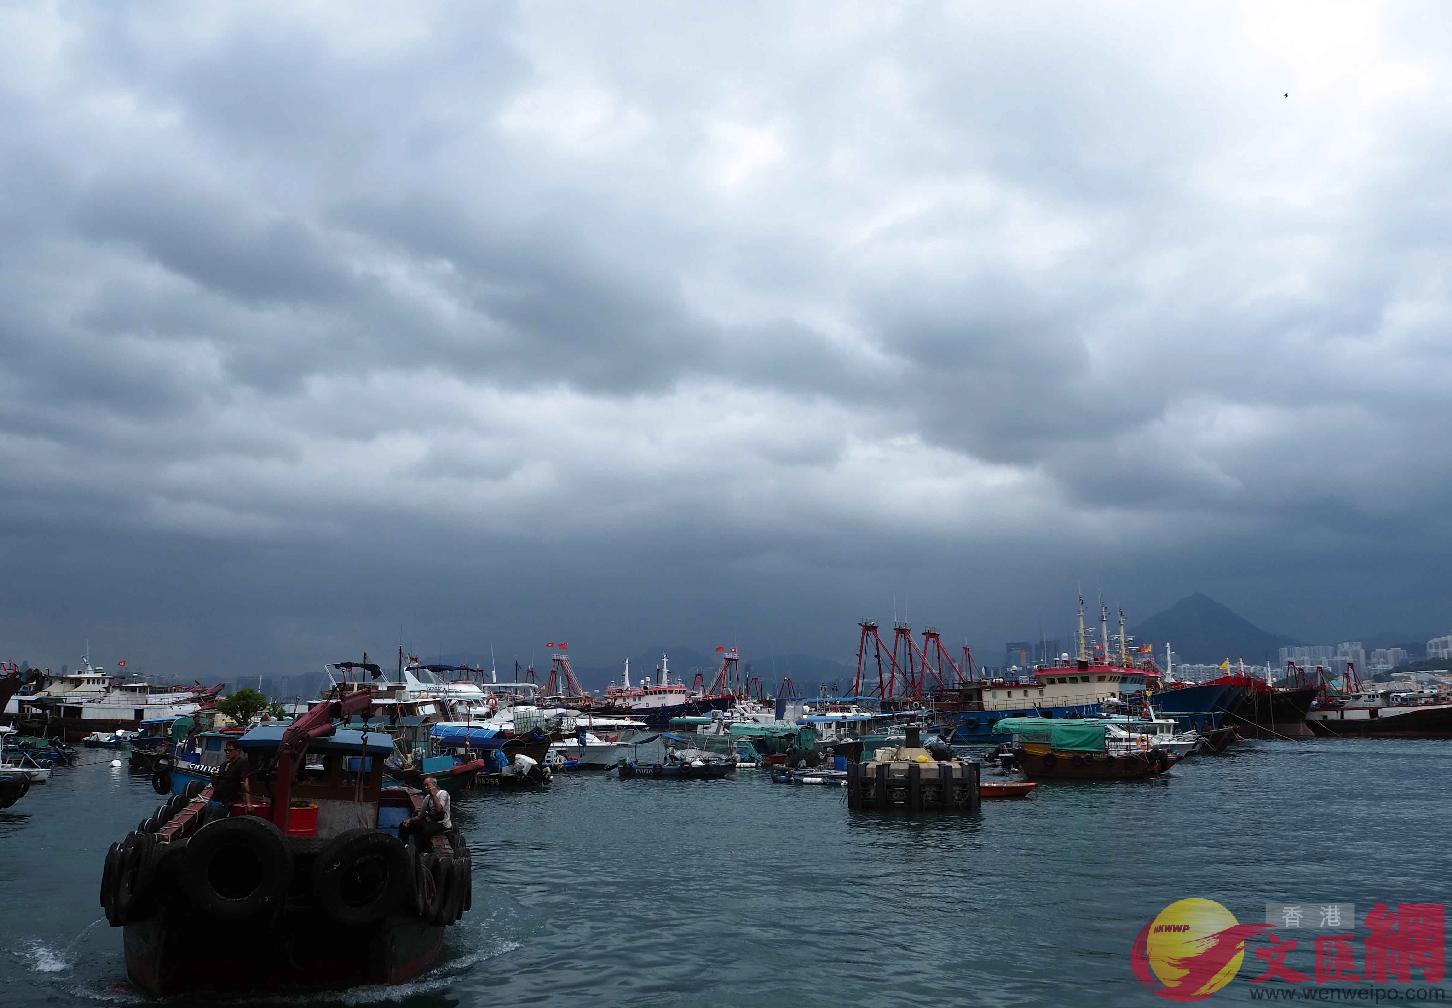 超強颱風「山竹」周日影響香港,多家航空公司建議乘客改機位(中新社)